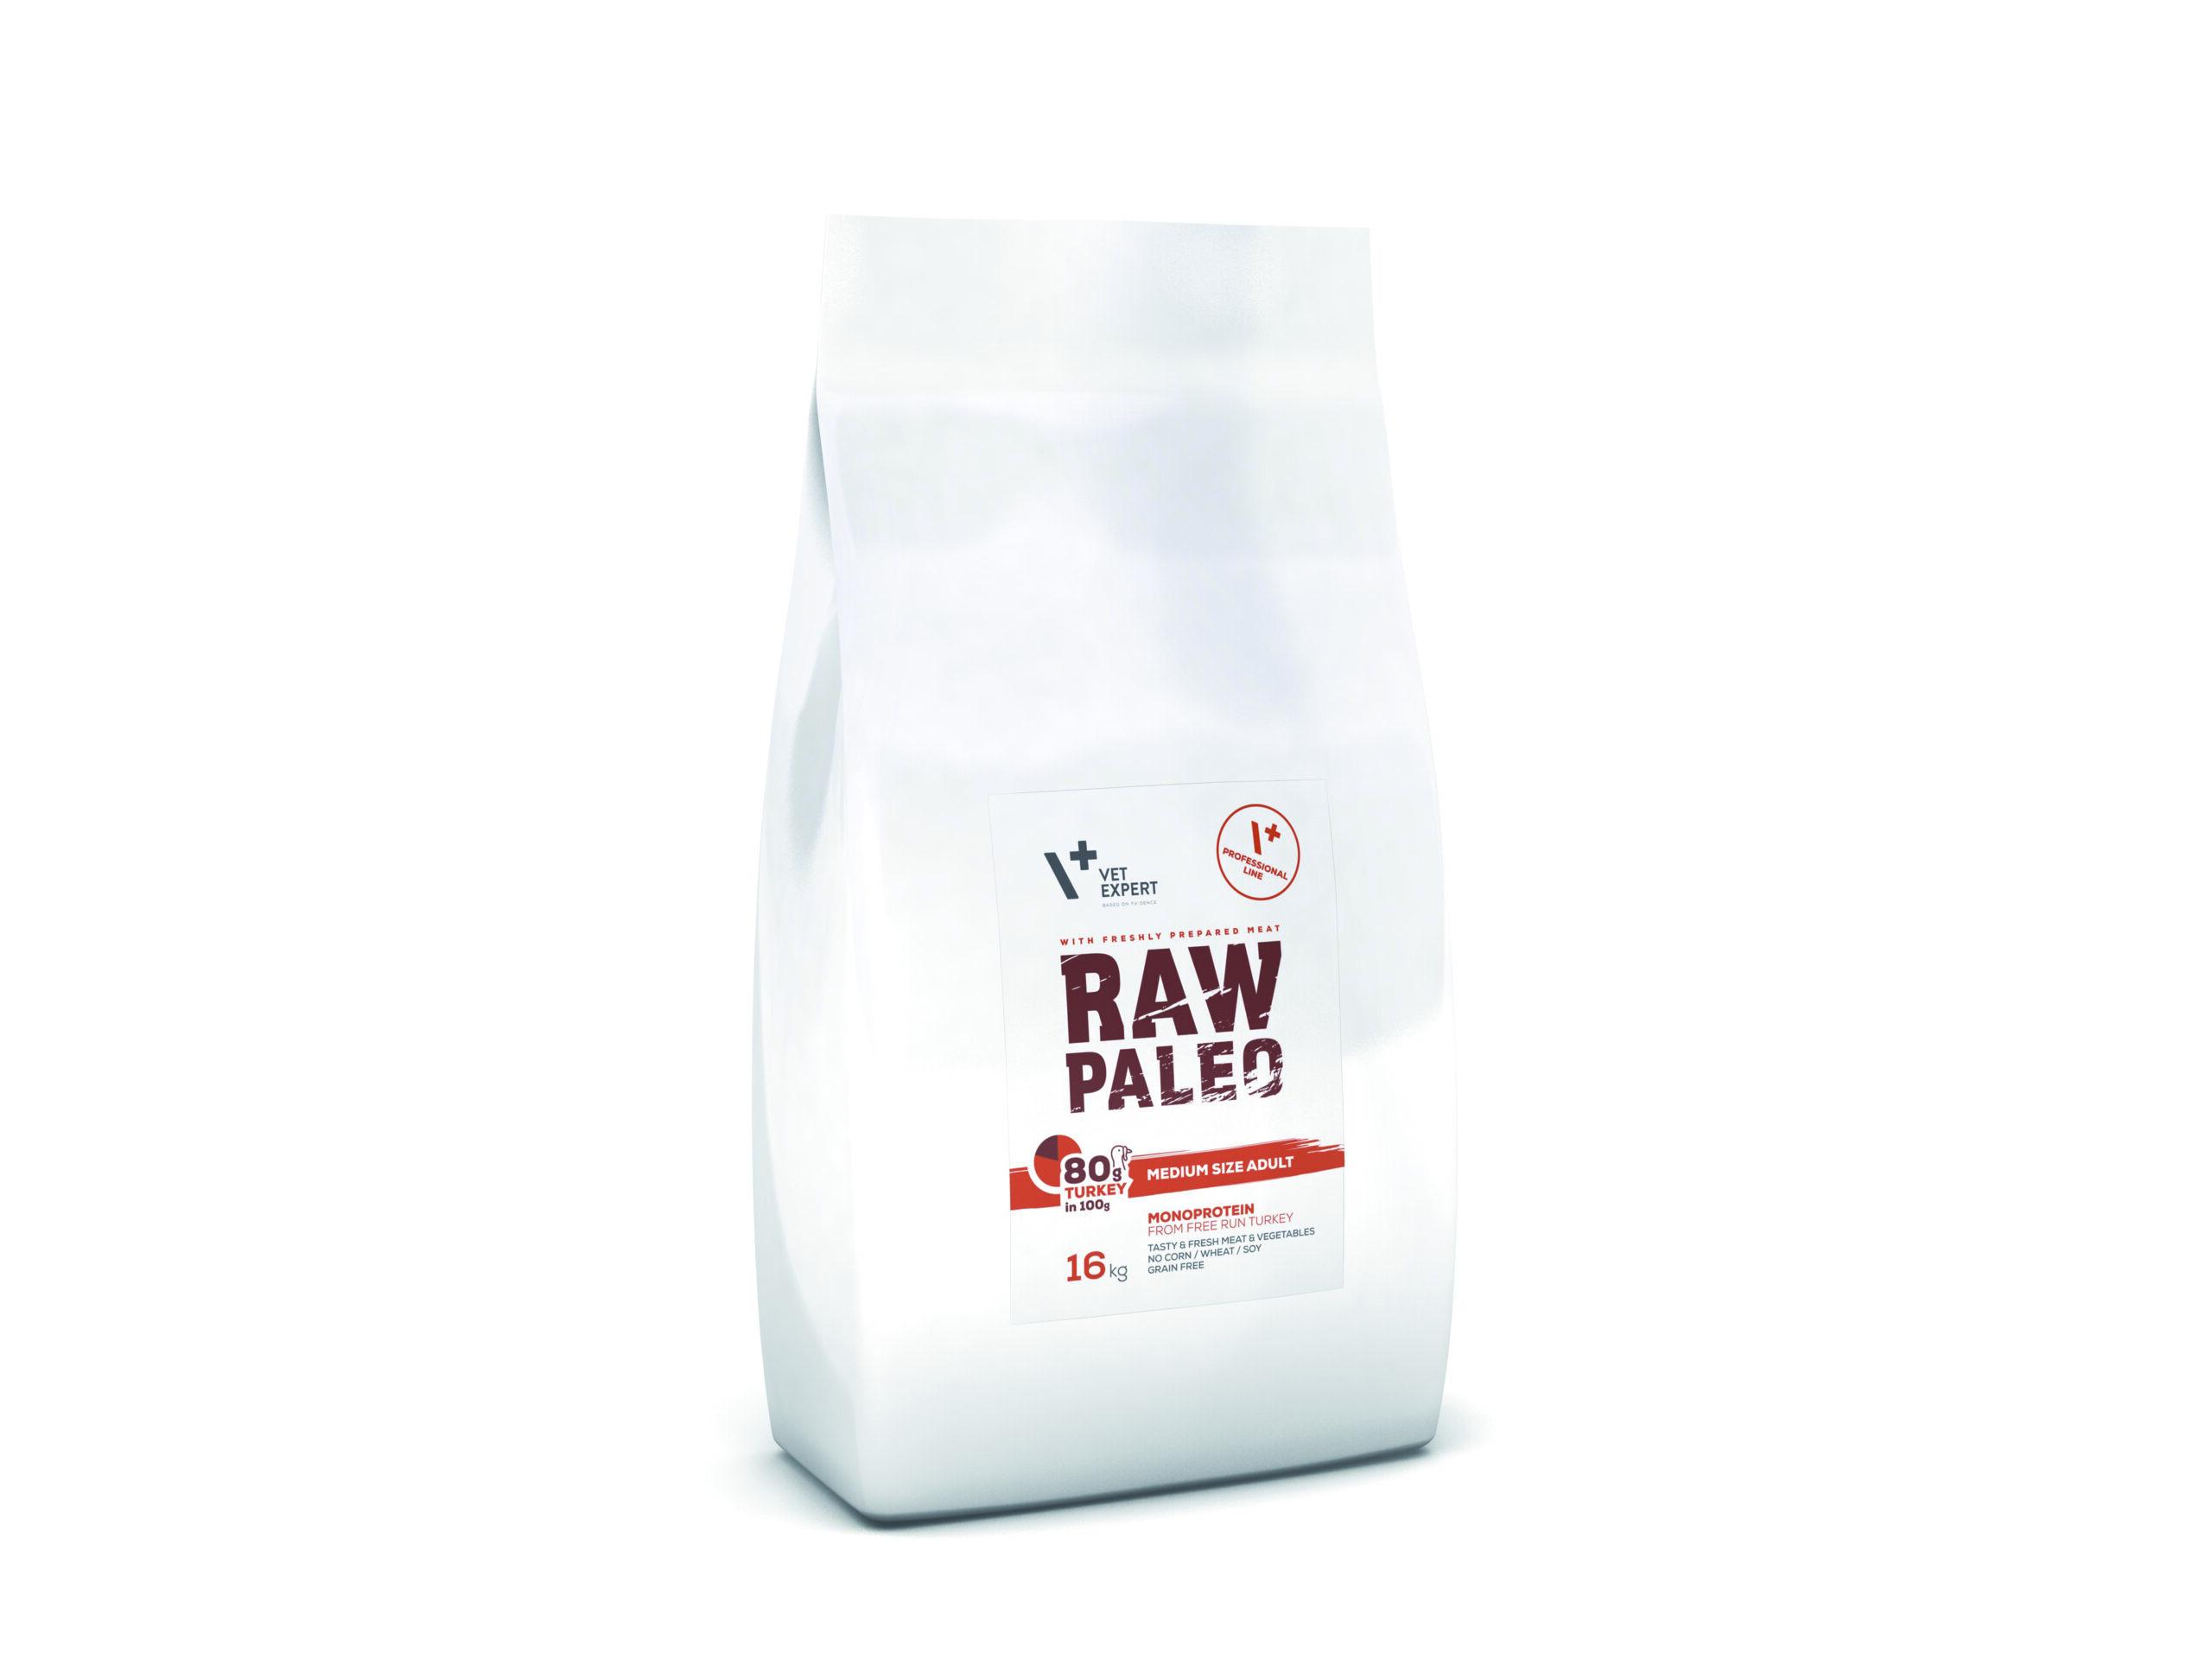 VetExpert Raw Paleo Medium Size Adult 16kg Premium getreidefreies Hundefutter, Alleinfuttermittel, Trockenfutter, Nassfutter, Hundebedarf, Hundenahrung, Hundeernährung